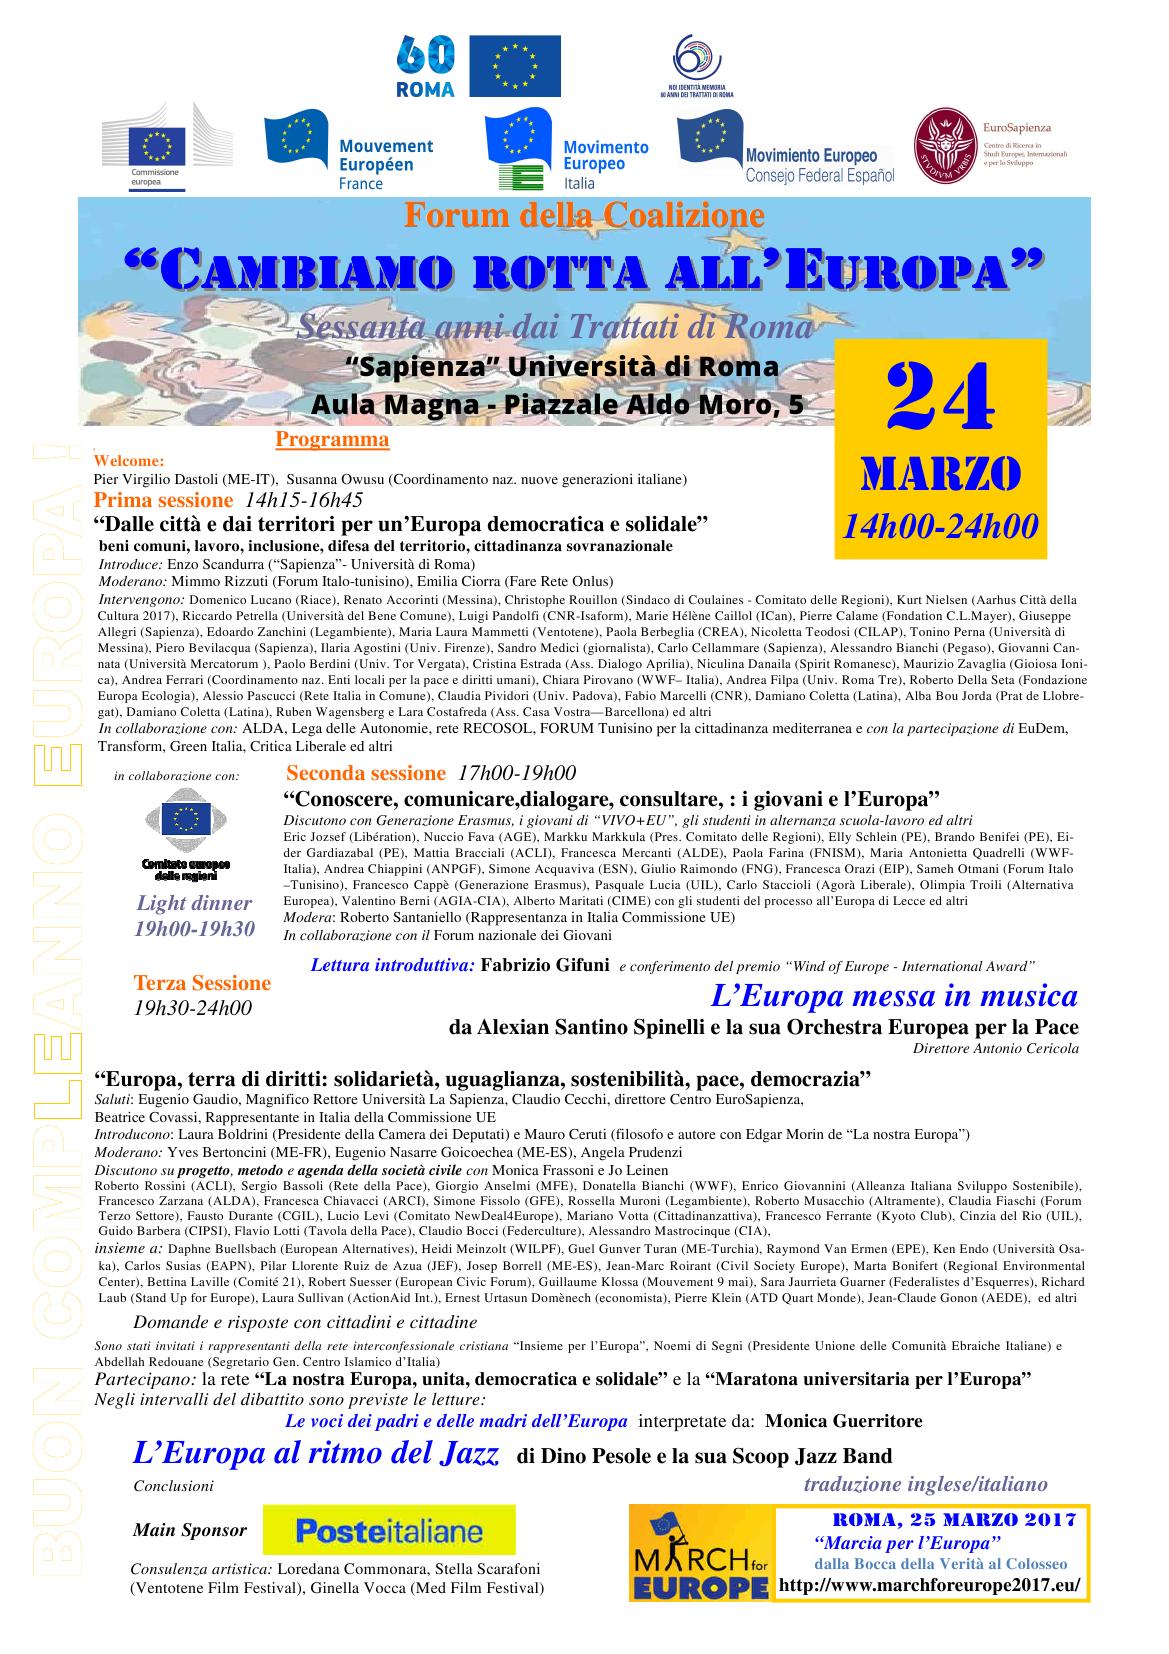 Il 25 marzo a roma lbc marcia per l 39 europa il segretario pietro gava invita alla partecipazione - Gonfalone mobili roma ...